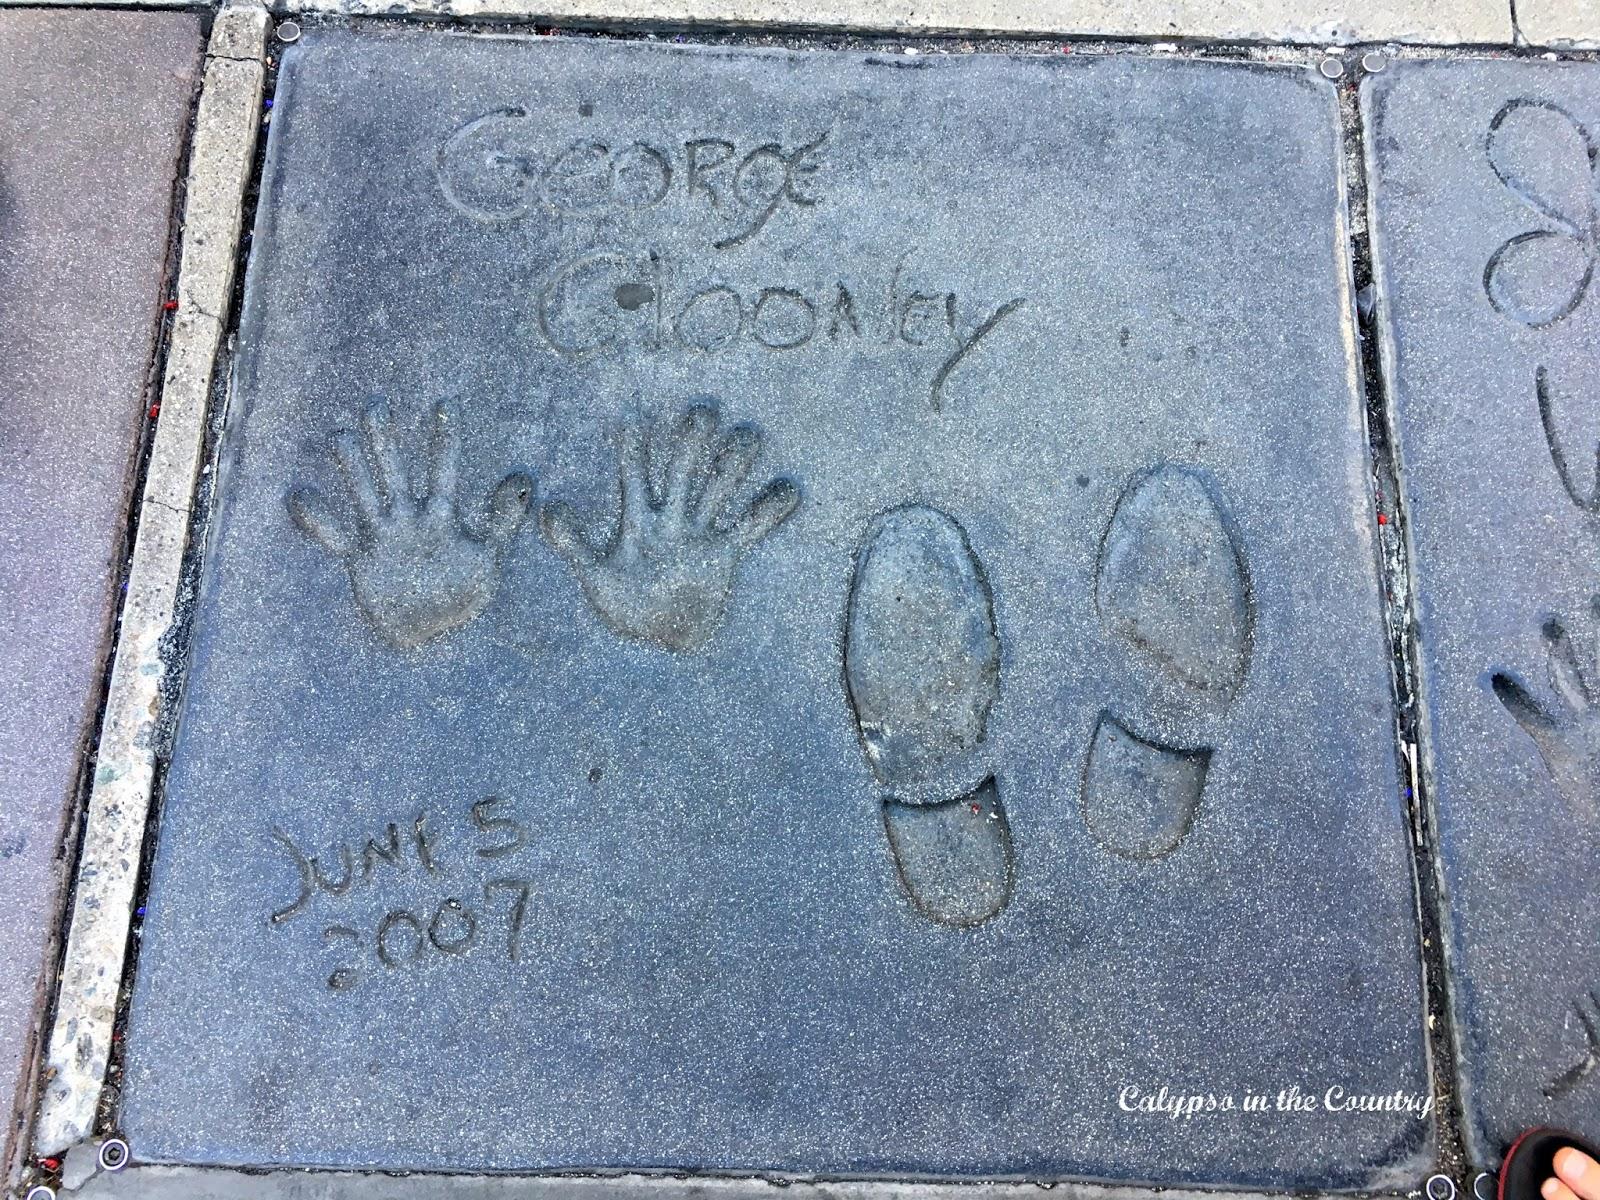 George Clooney's footprints in Hollywood